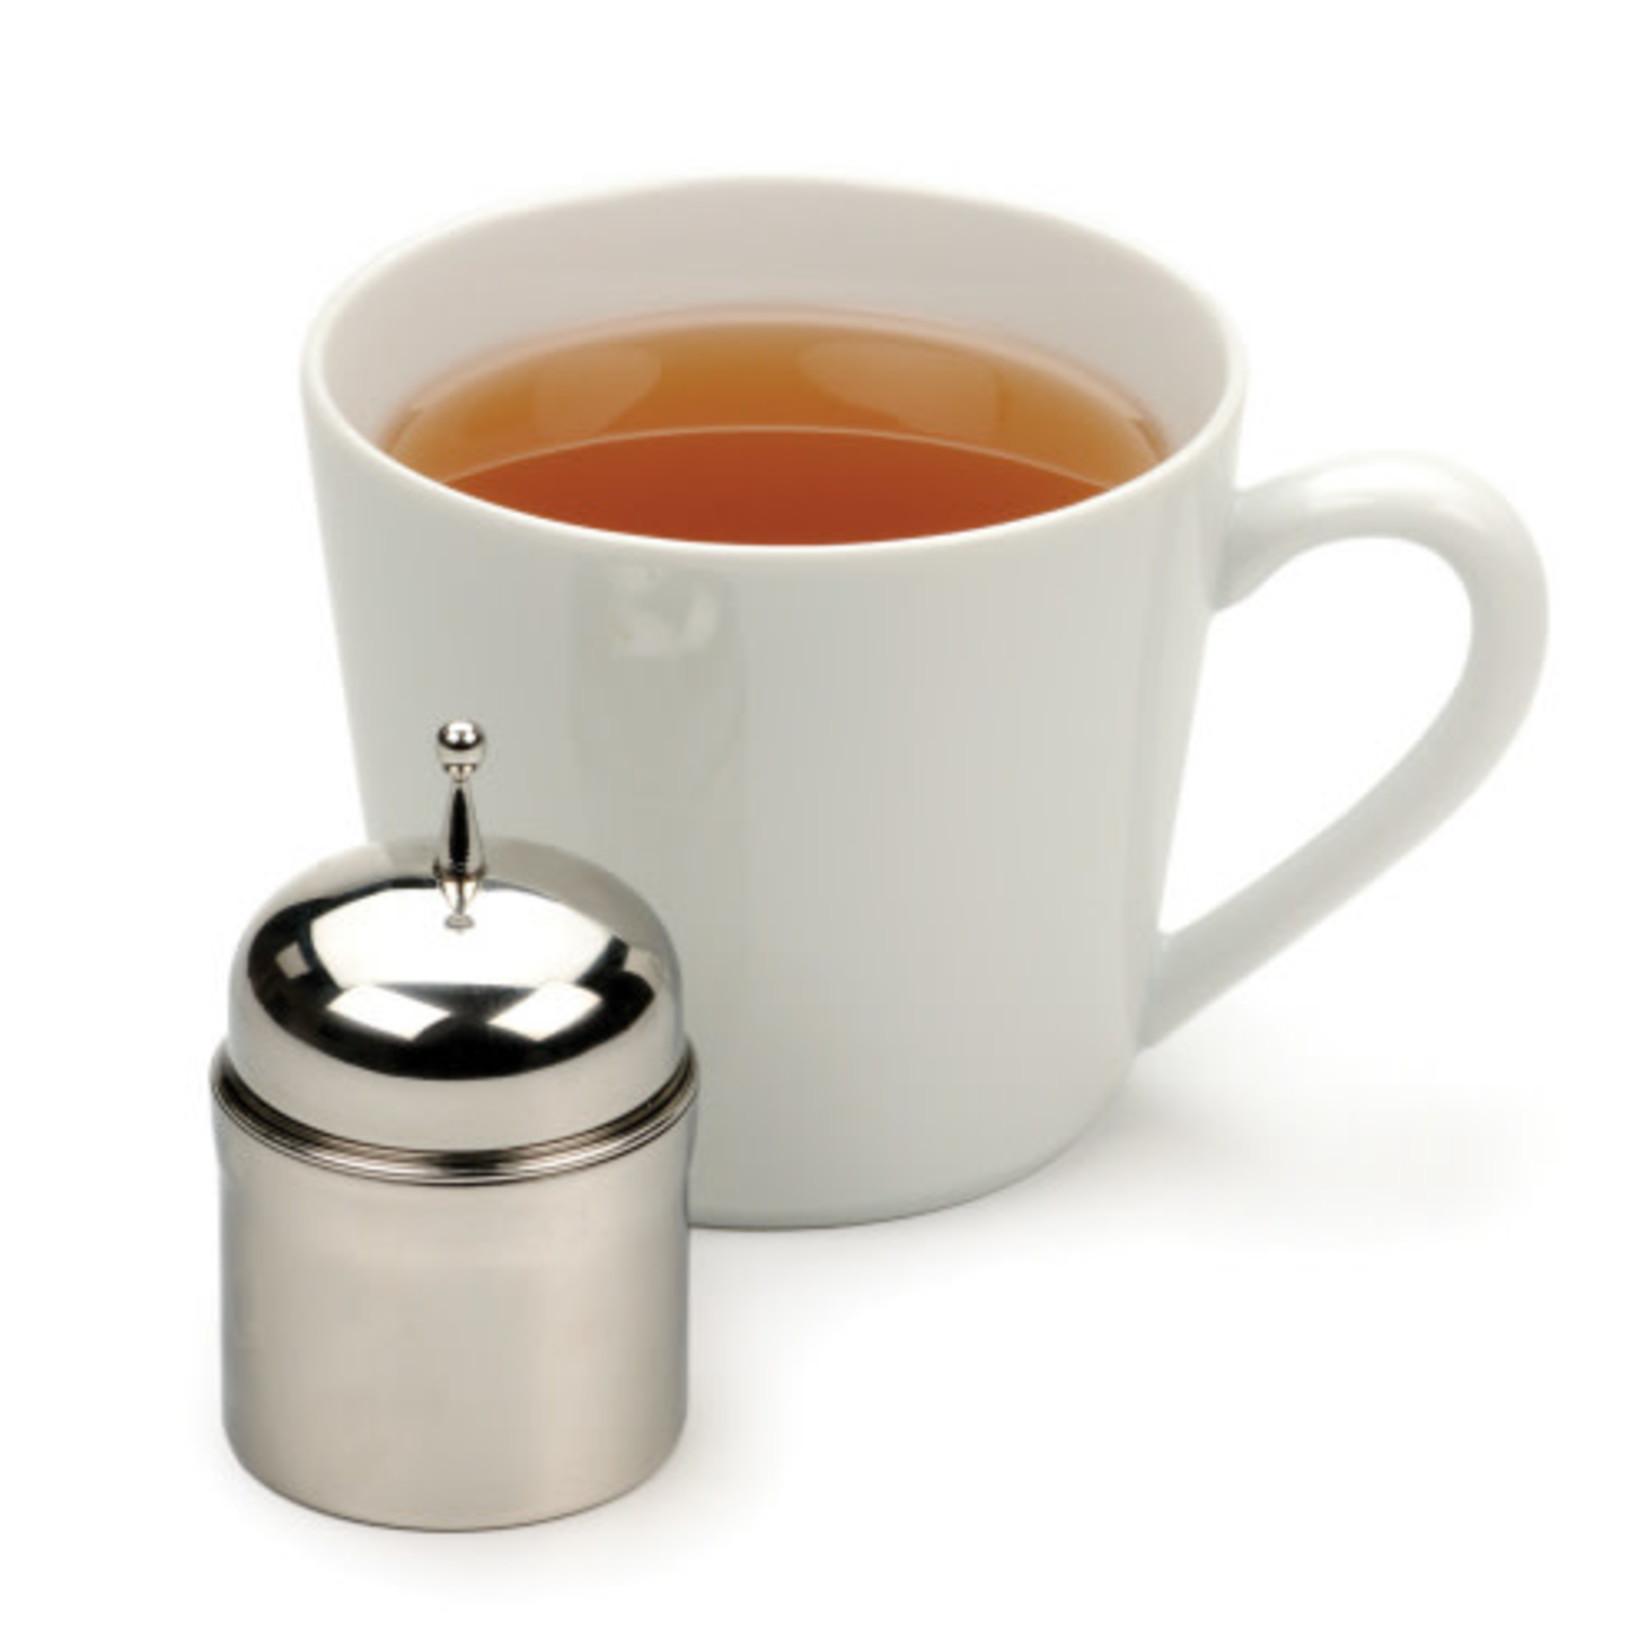 Danica Floating Tea Infuser